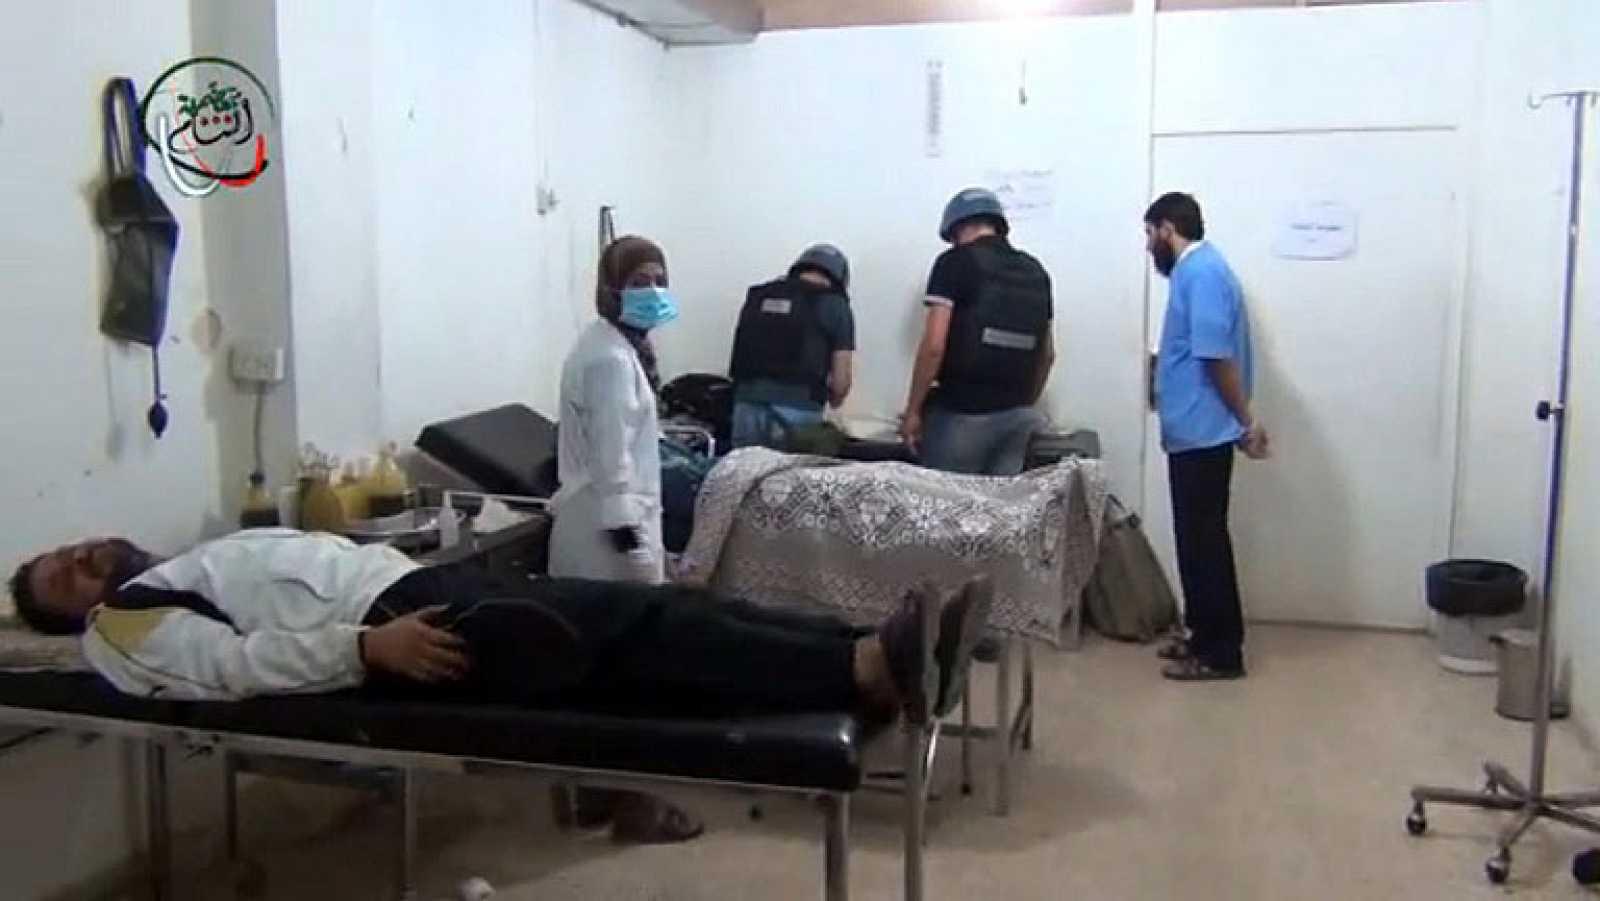 Inspectores de la ONU visitan una de las zonas afectadas por el ataque químico en Damasco